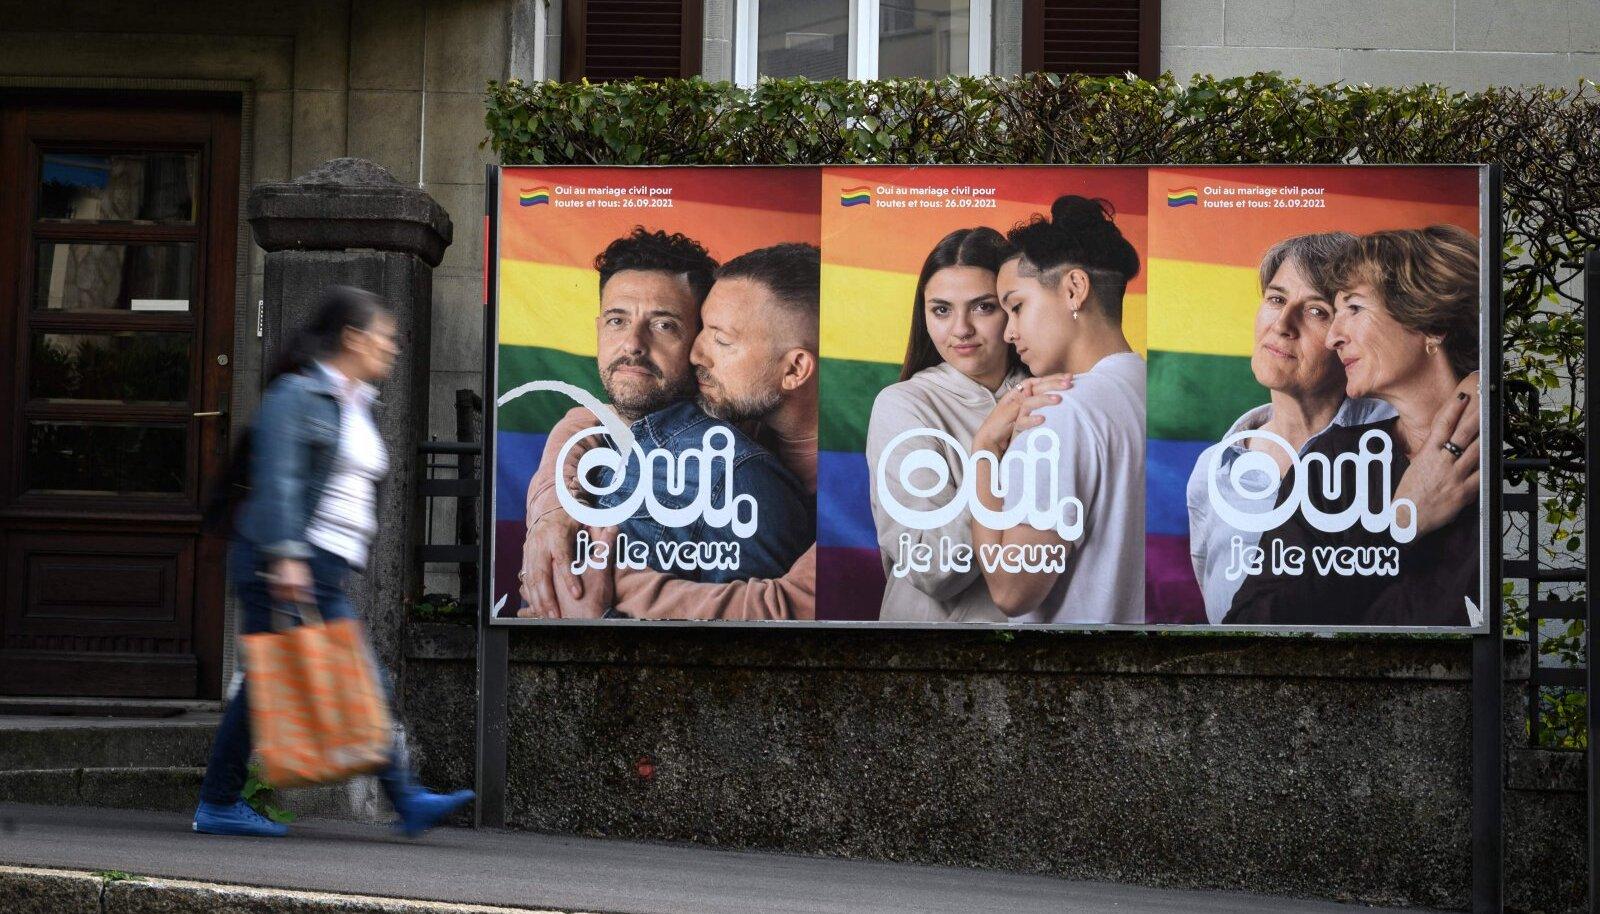 Kampaaniaplakatid homse hääletuse eel Šveitsis Lausanne'is.